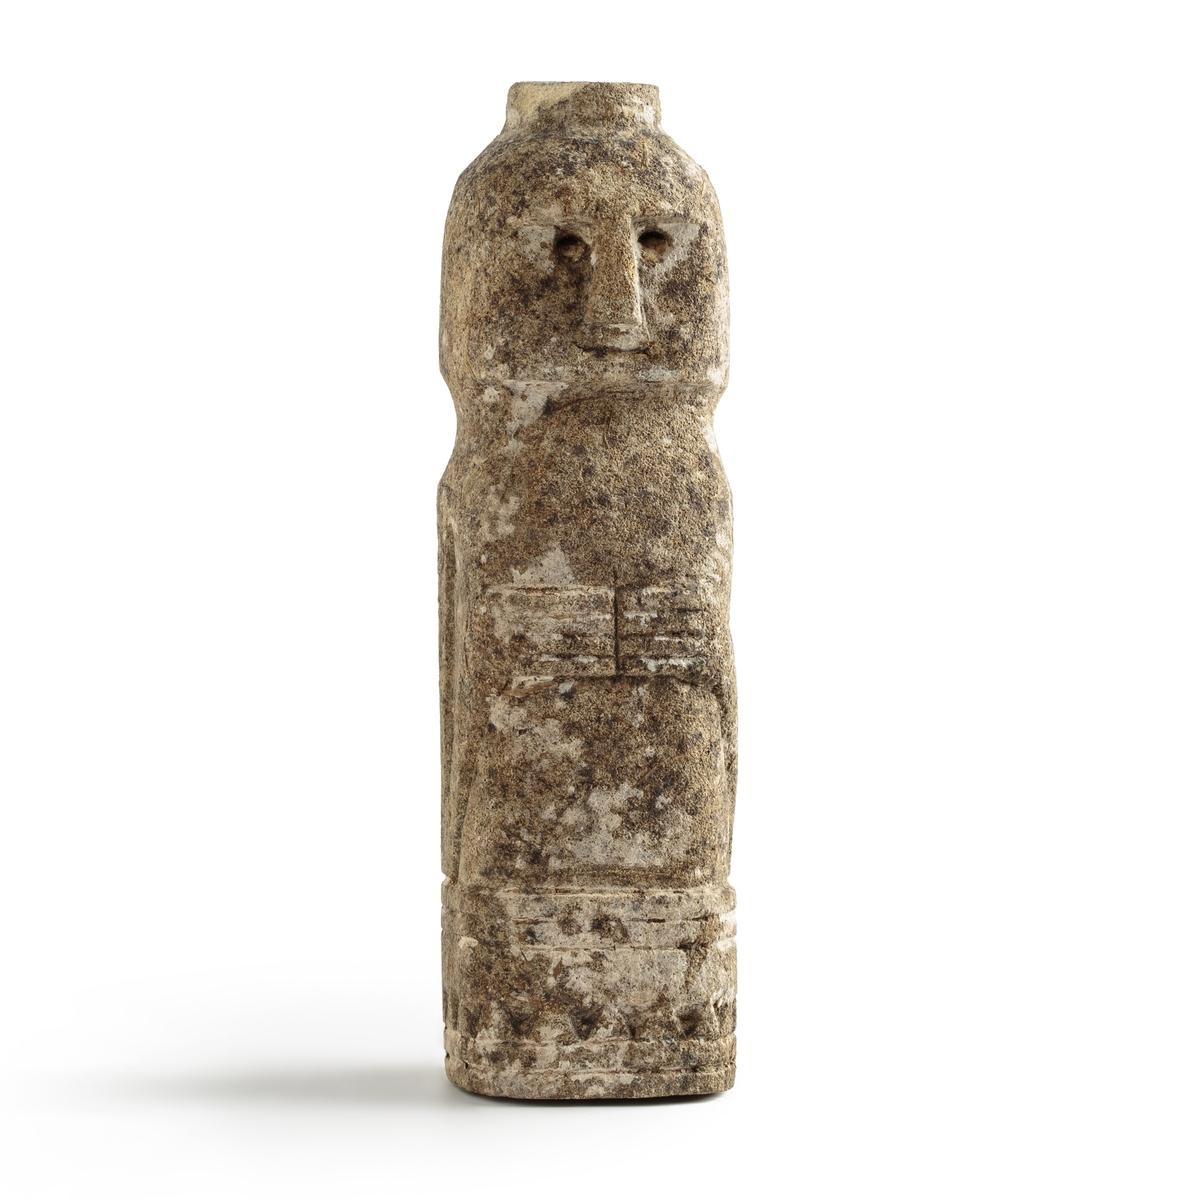 Статуэтка из камня модель.1 Sumatra статуэтки и фигурки ганг статуэтка черепаха 6х10 см